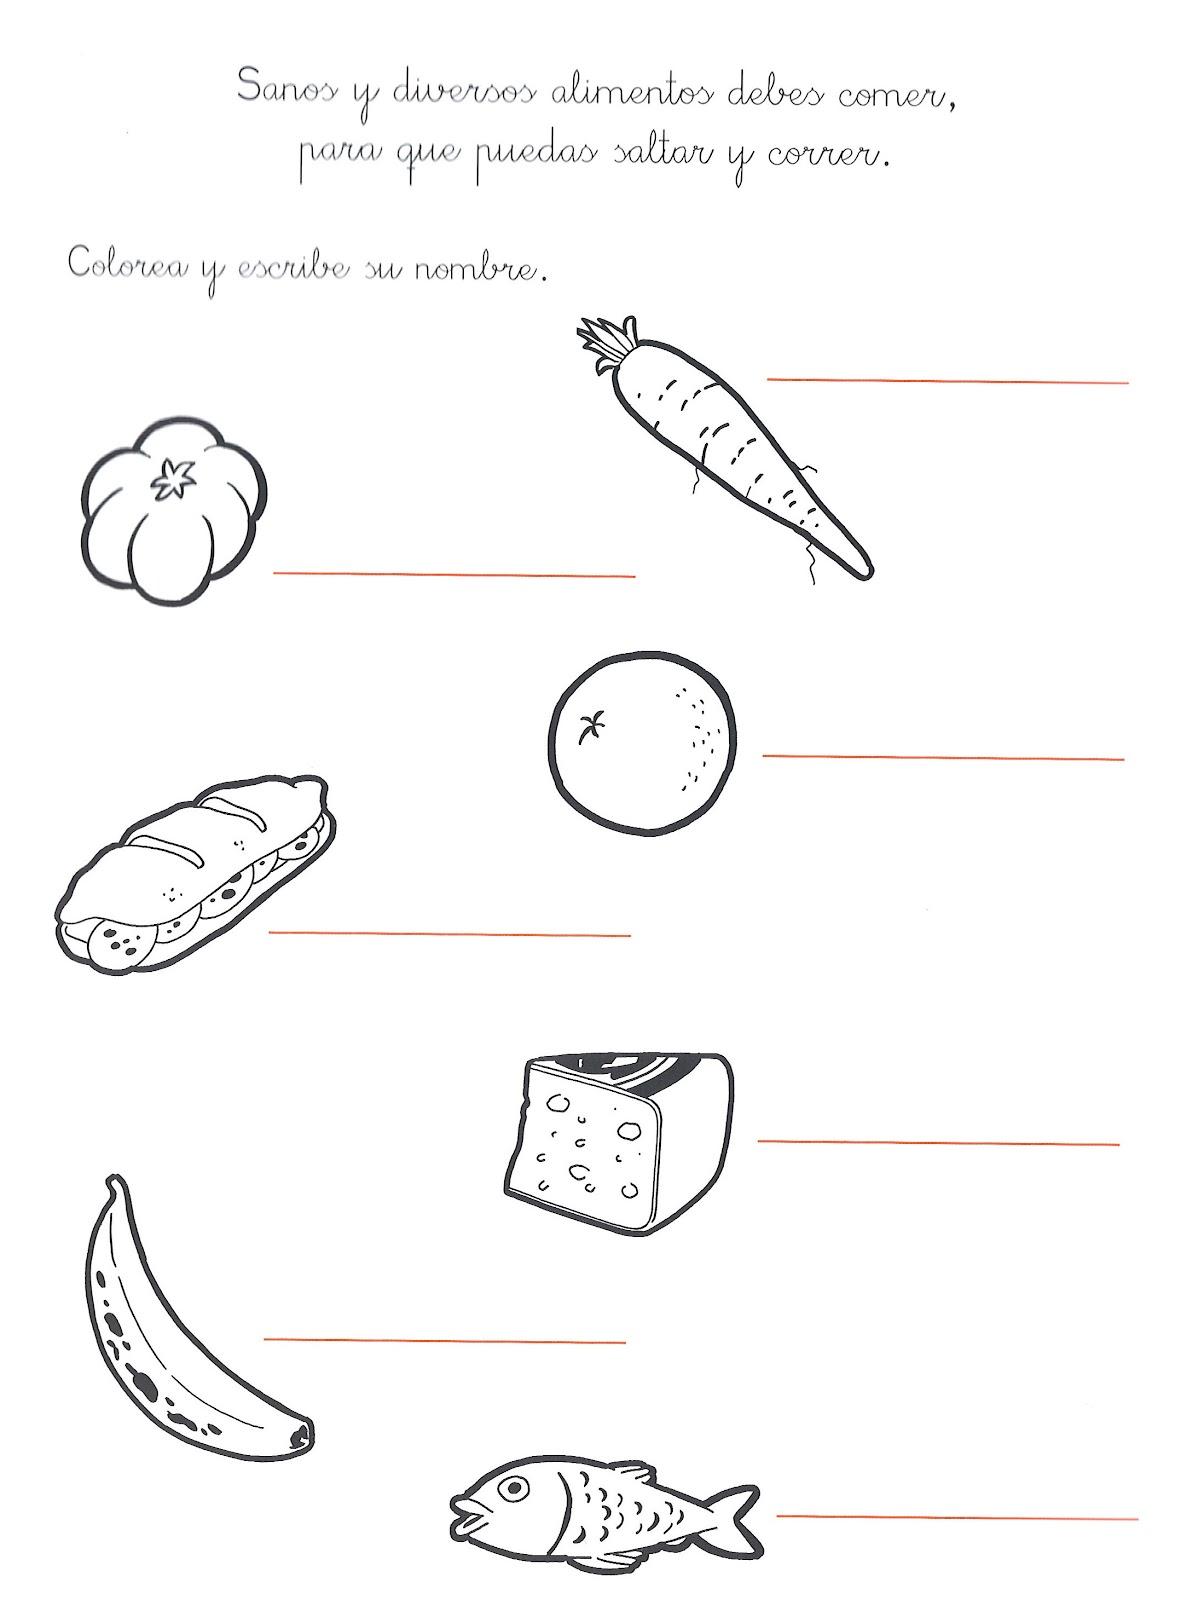 Dibujo para colorear alimentos nutritivos y chatarra - Imagui